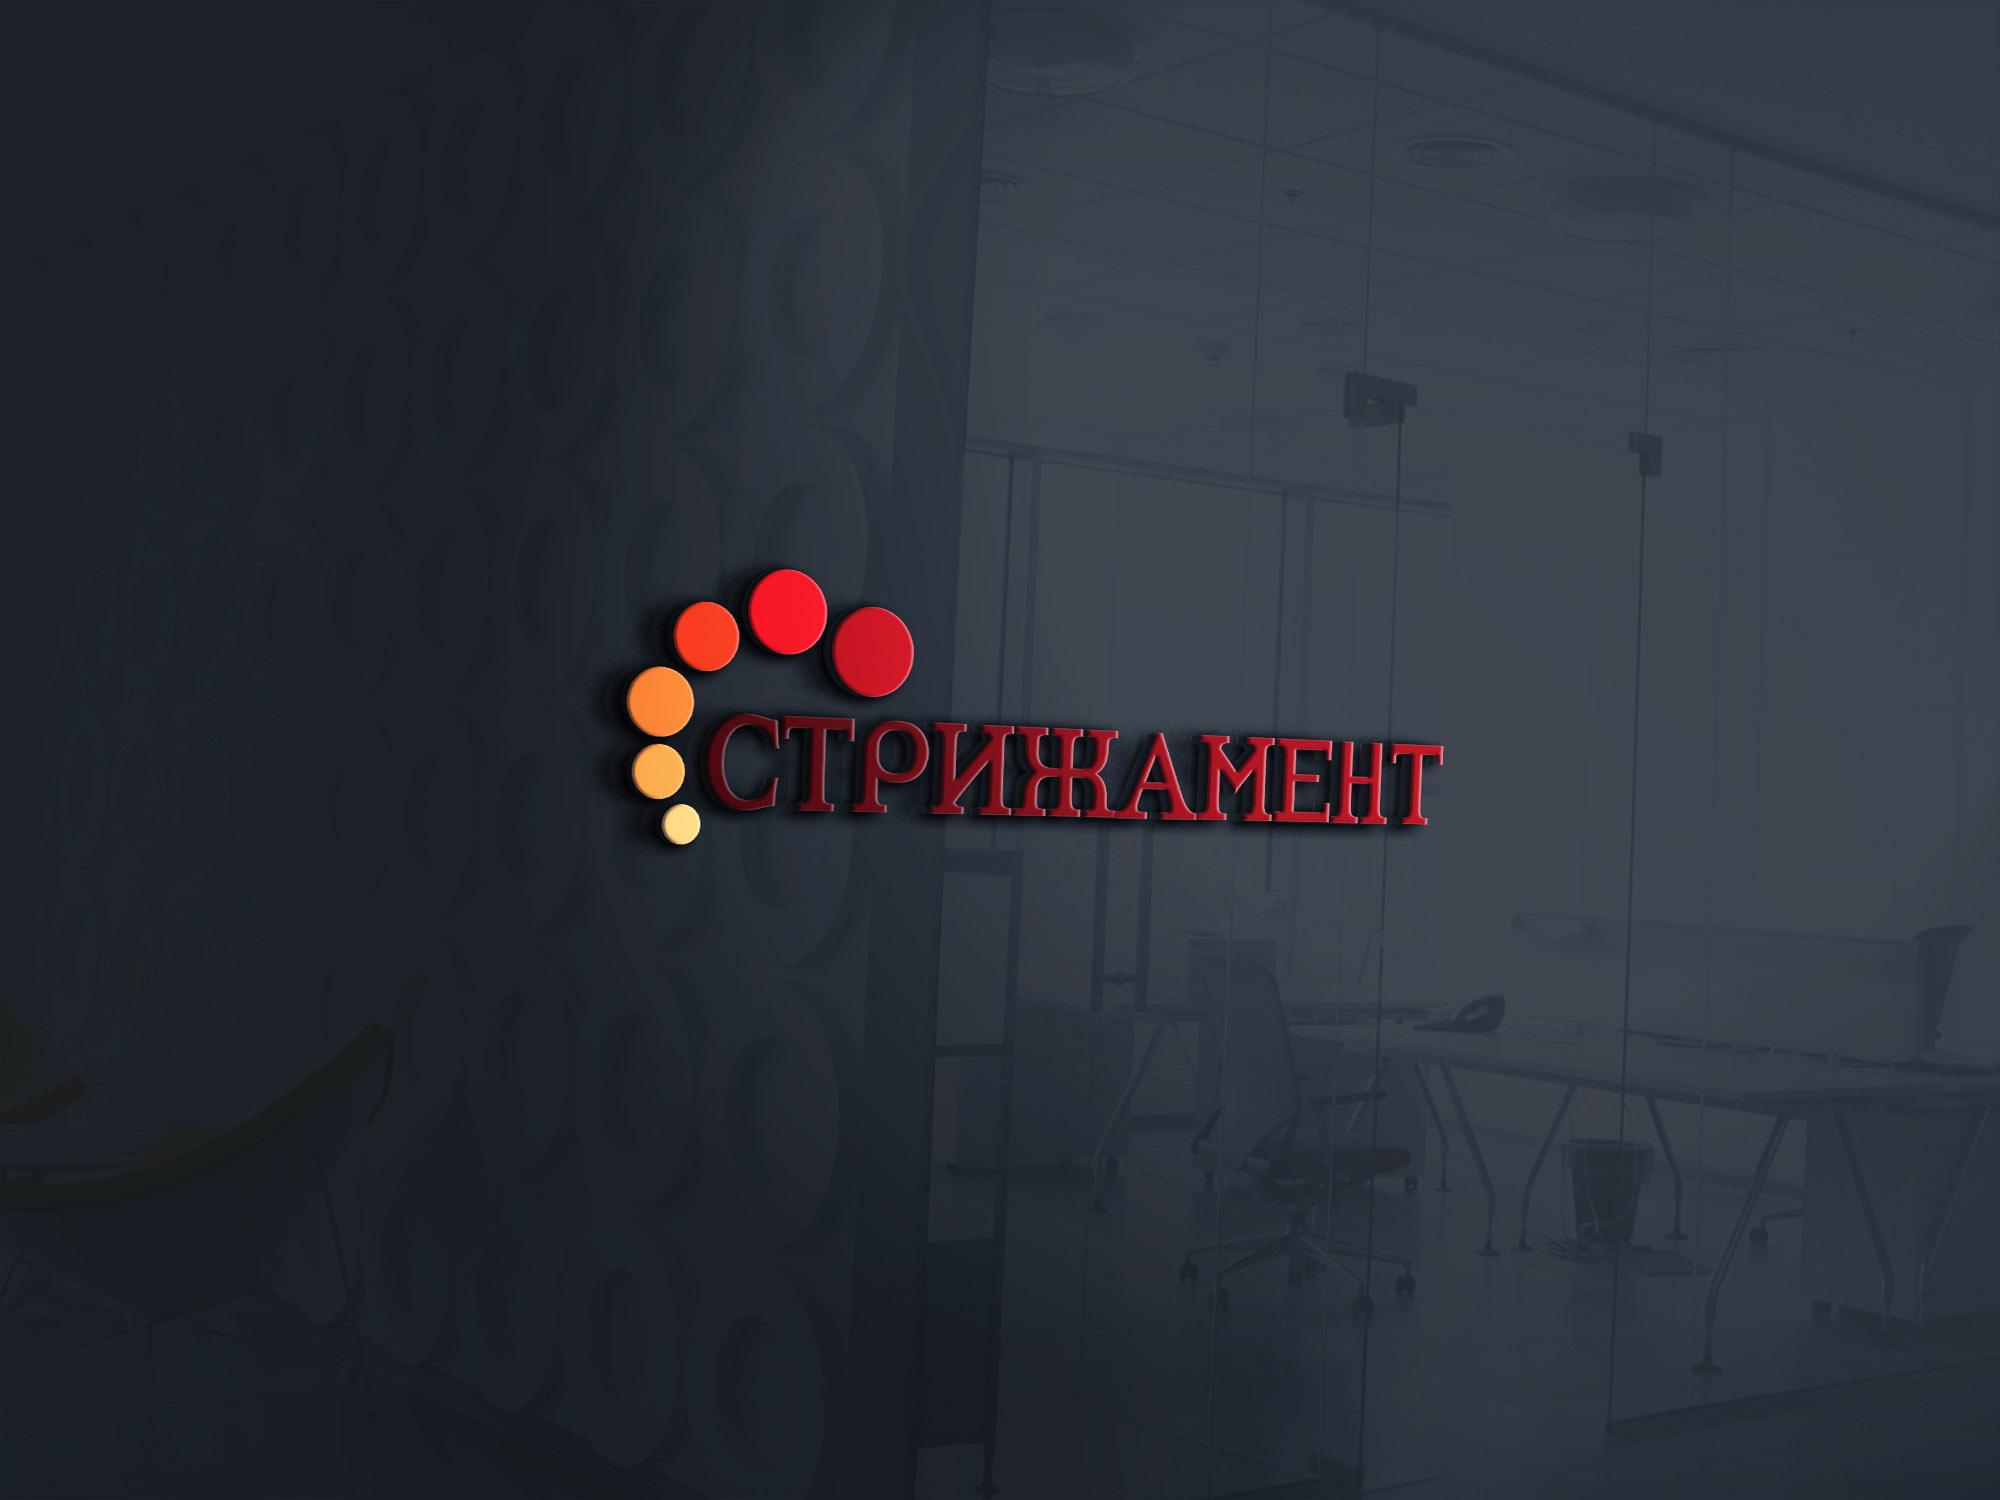 Дизайн лого бренда фото f_9605d531f668588d.jpg